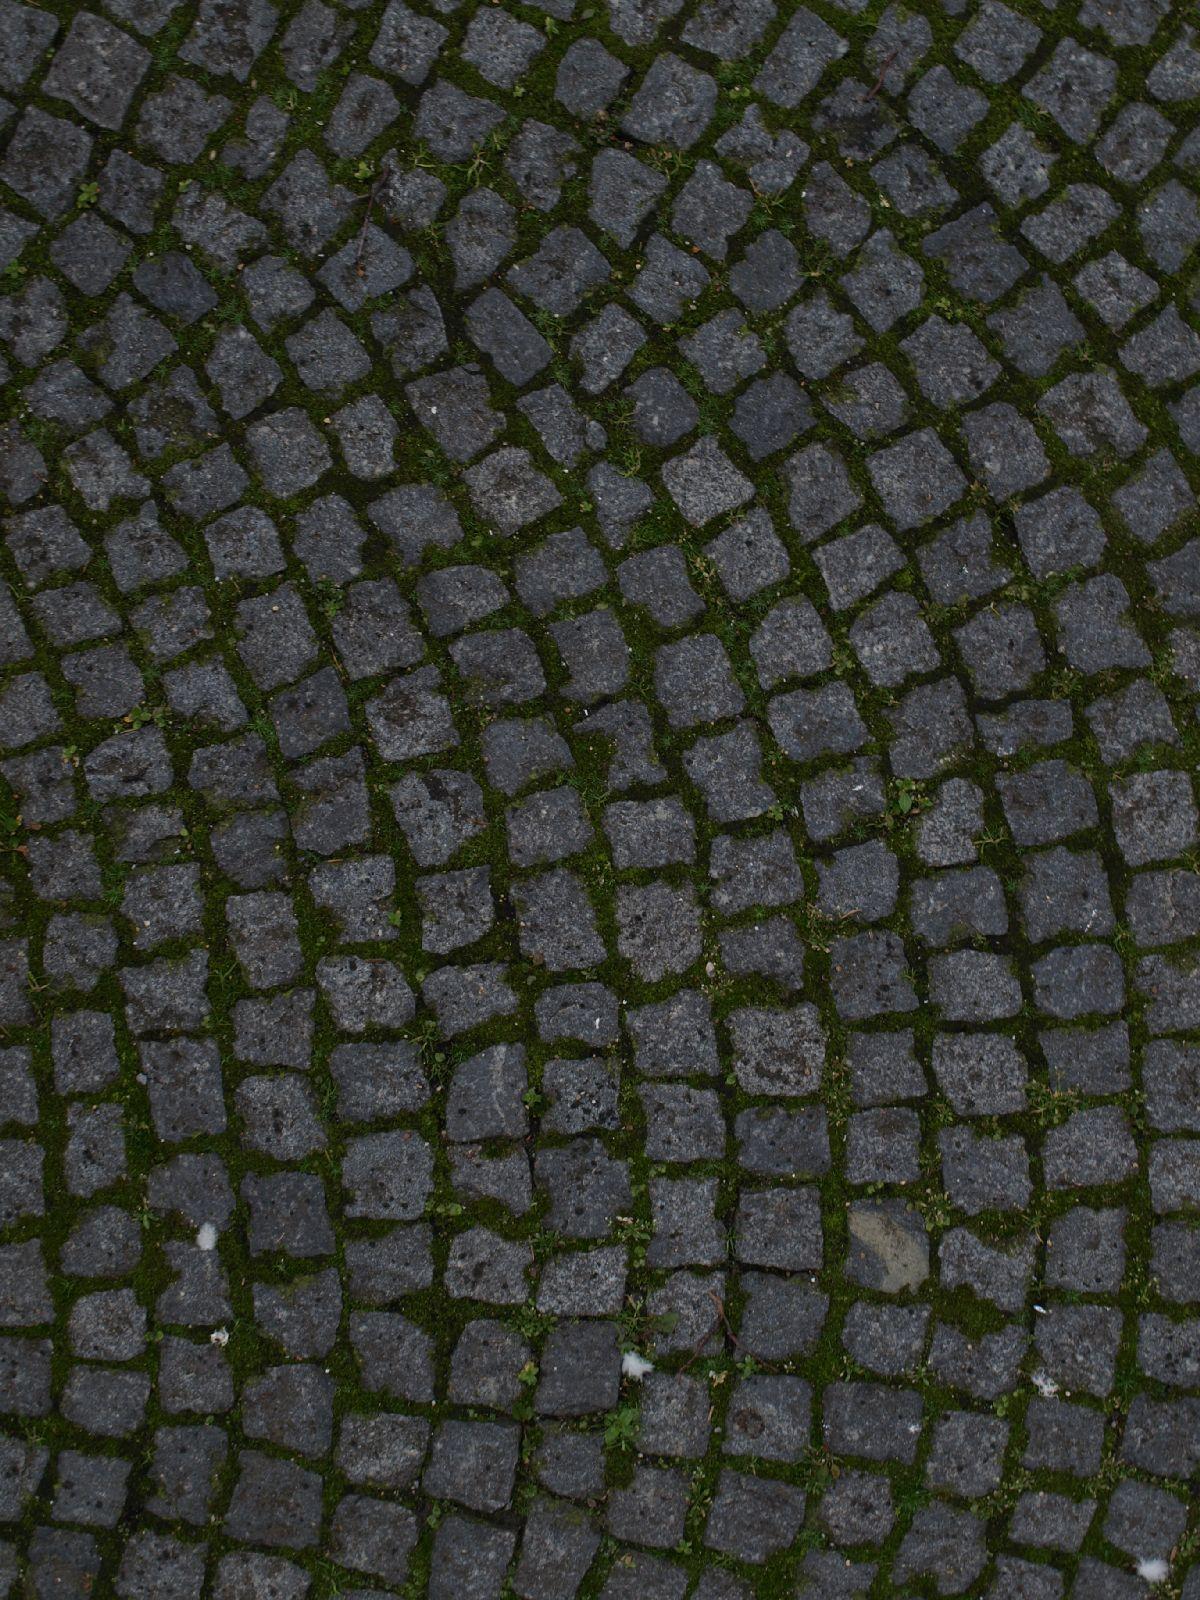 Boden-Gehweg-Strasse-Buergersteig-Textur_A_P4110625